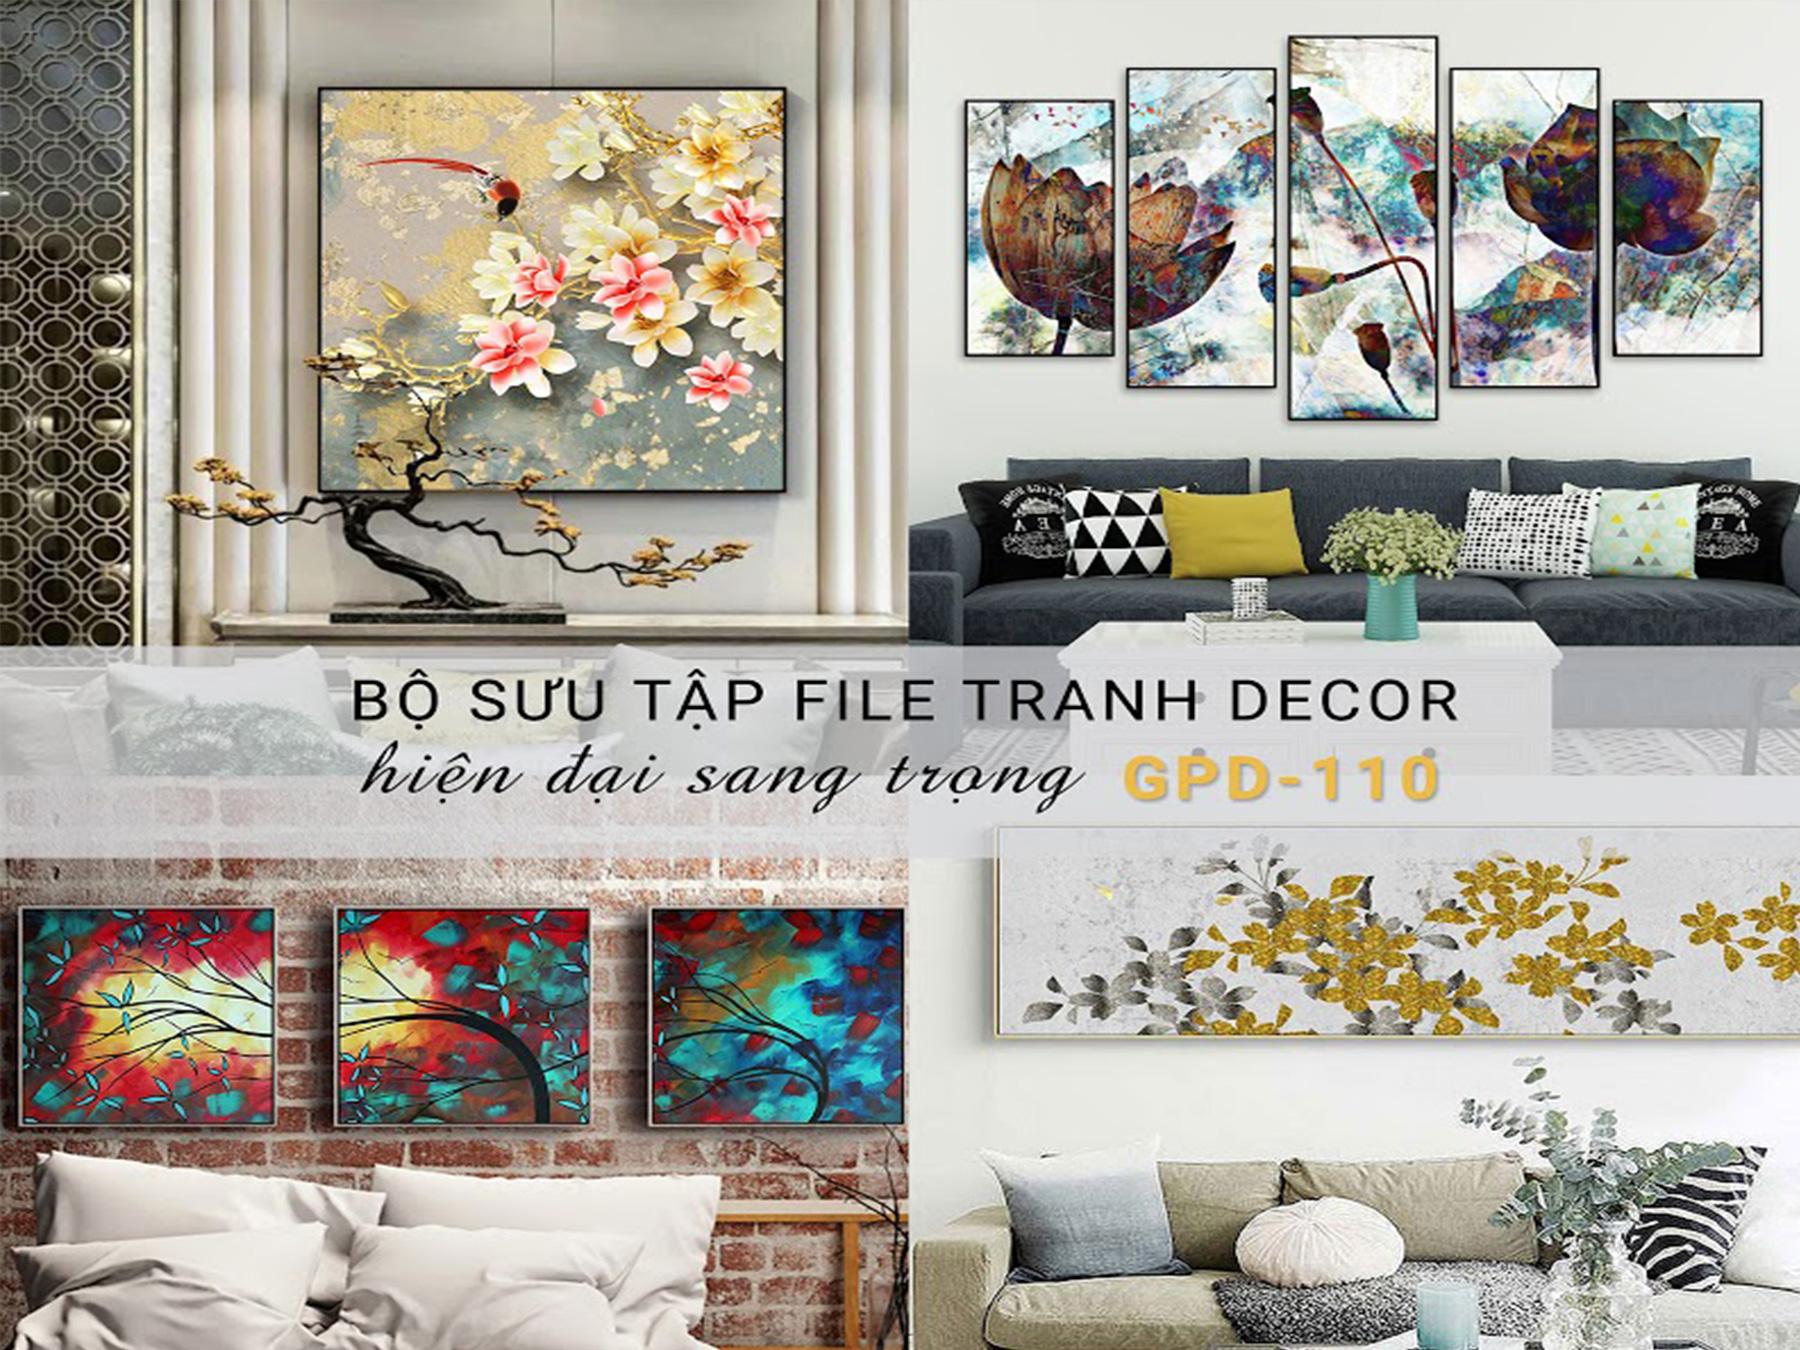 Tranh Trang Trí - Vol58 (GDP110)